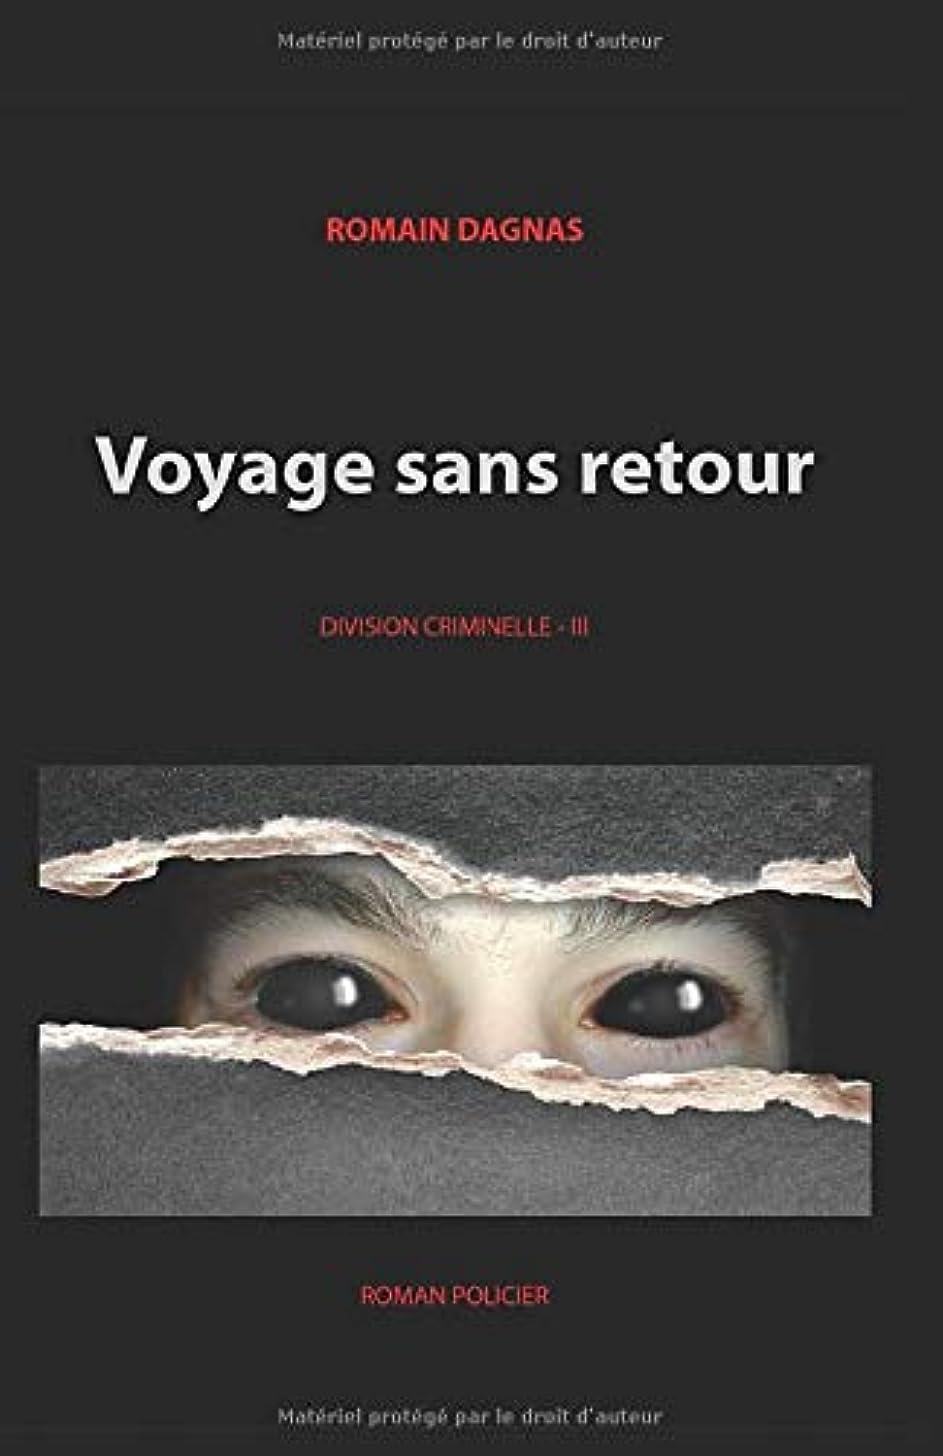 ペインギリック印象的な縞模様のVoyage sans retour (DIVISION CRIMINELLE)